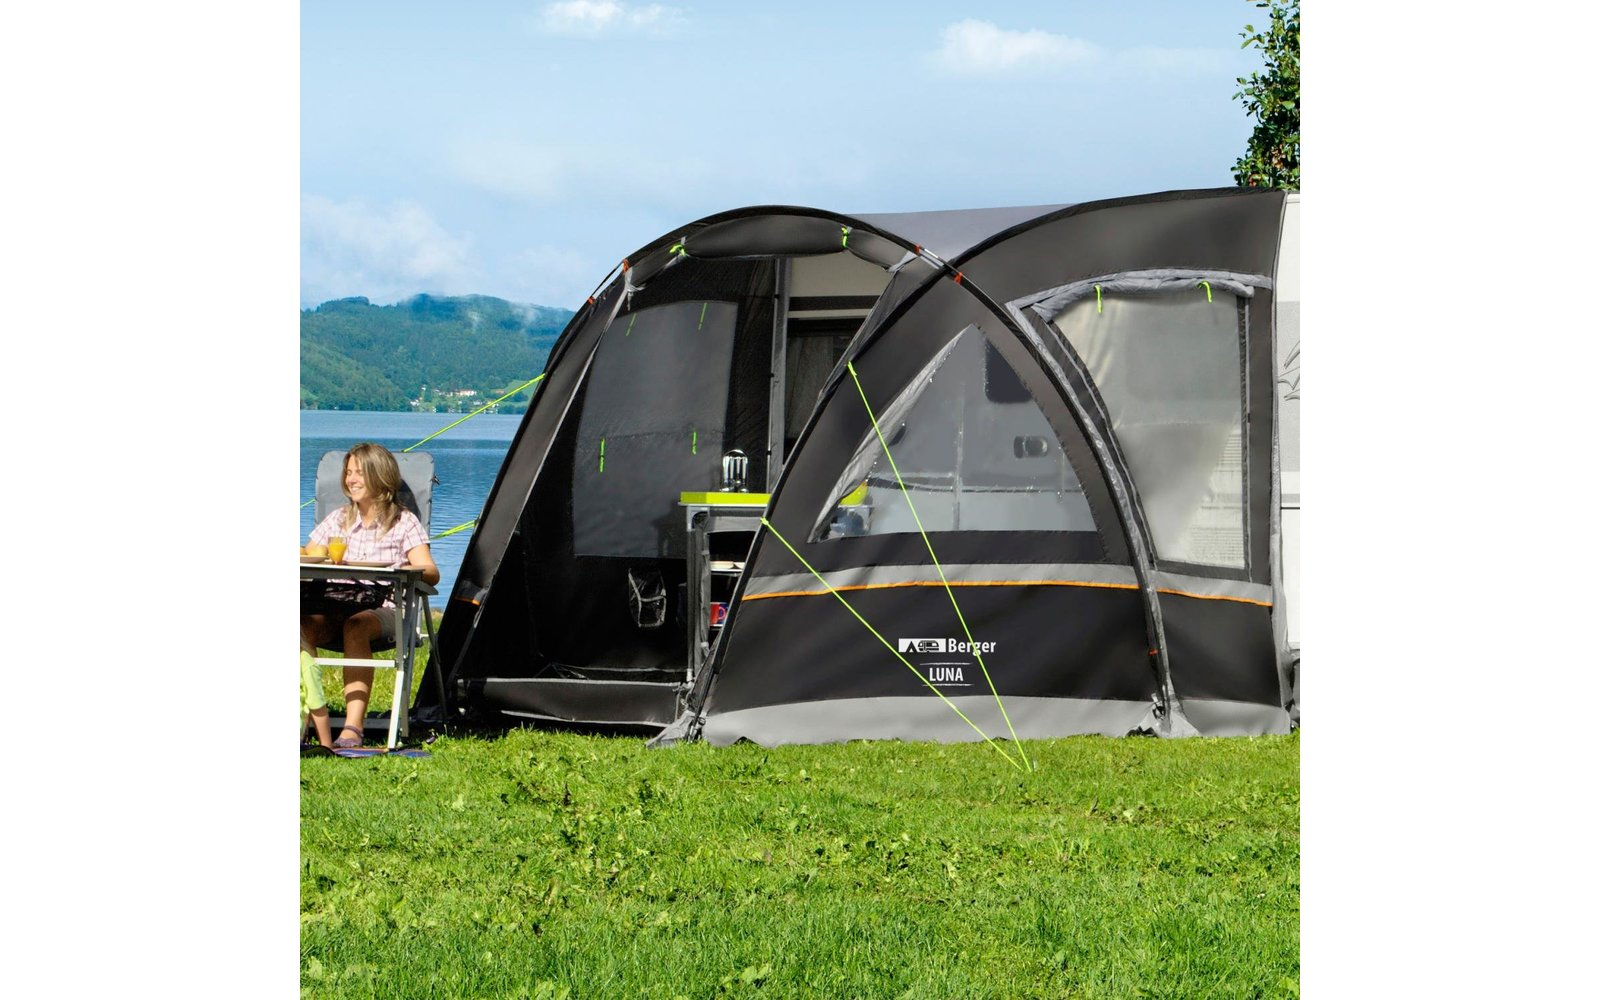 reisevorzelt luna fritz berger campingbedarf. Black Bedroom Furniture Sets. Home Design Ideas